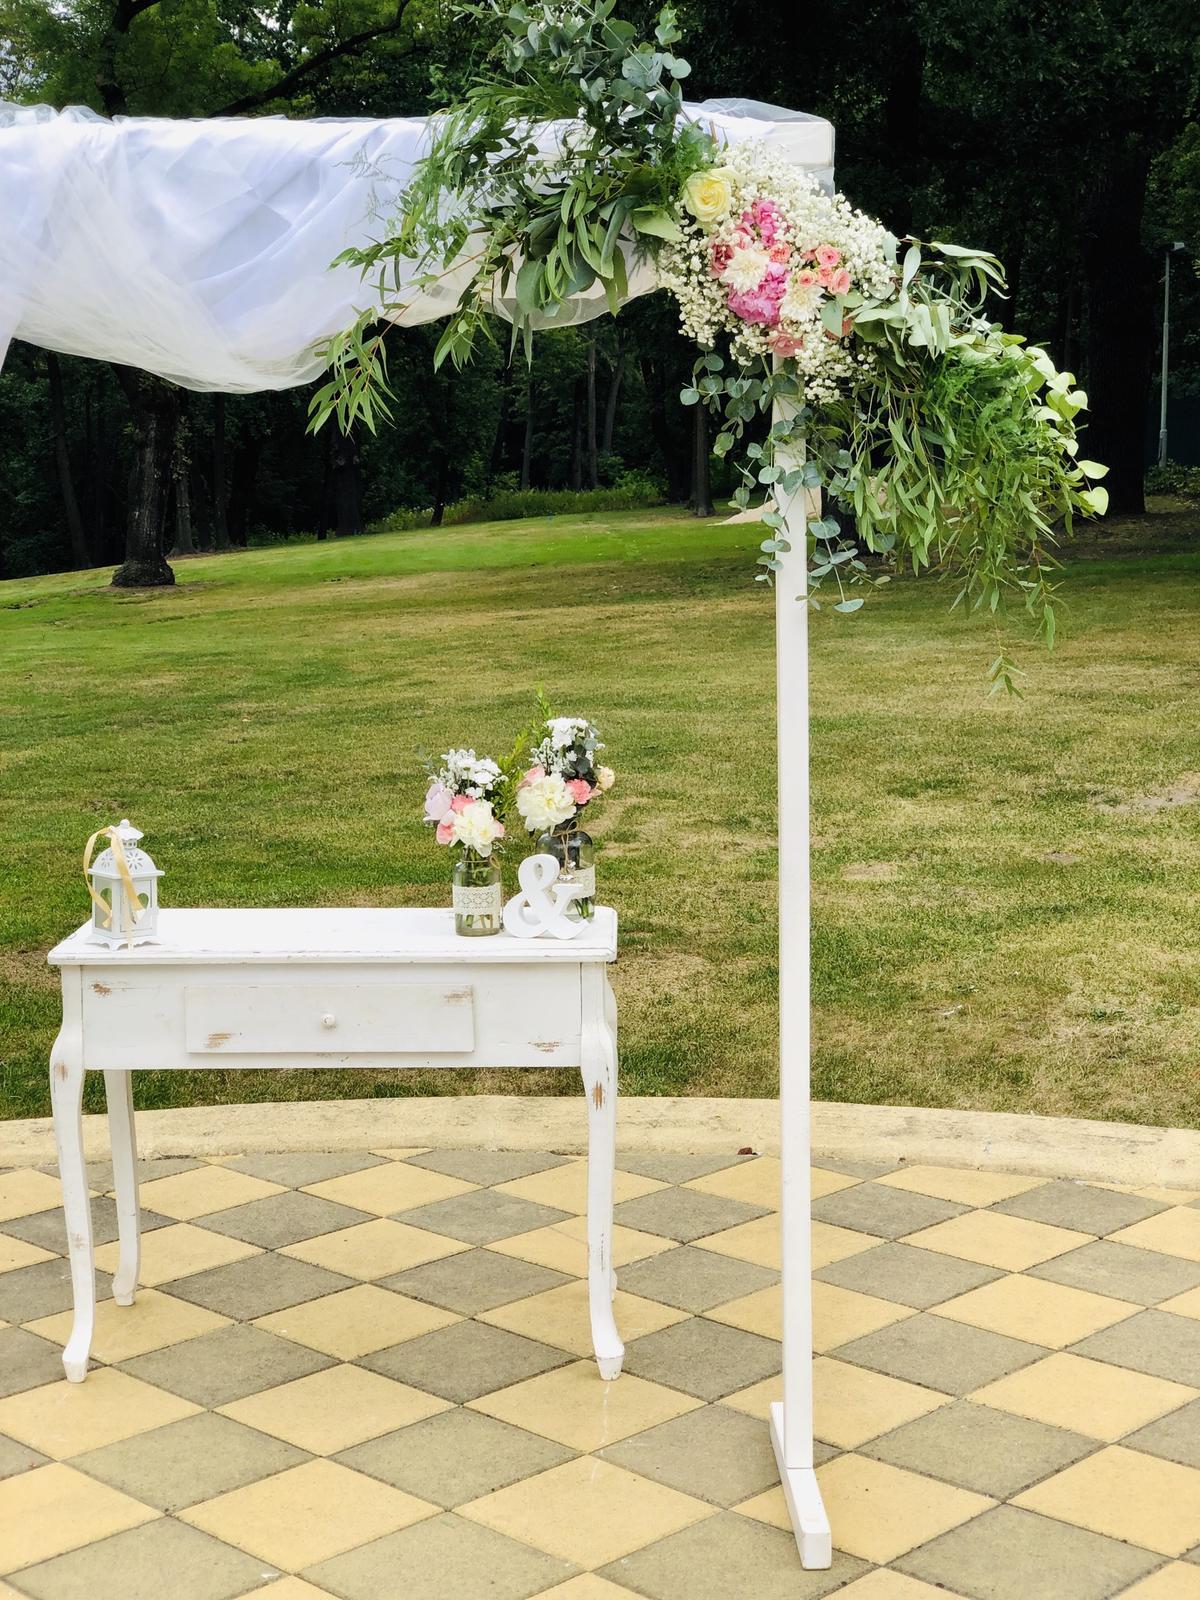 Výzdoba a květiny na klíč 27.7.2019 Chateau St. Havel - Vyzdobanaklic.cz